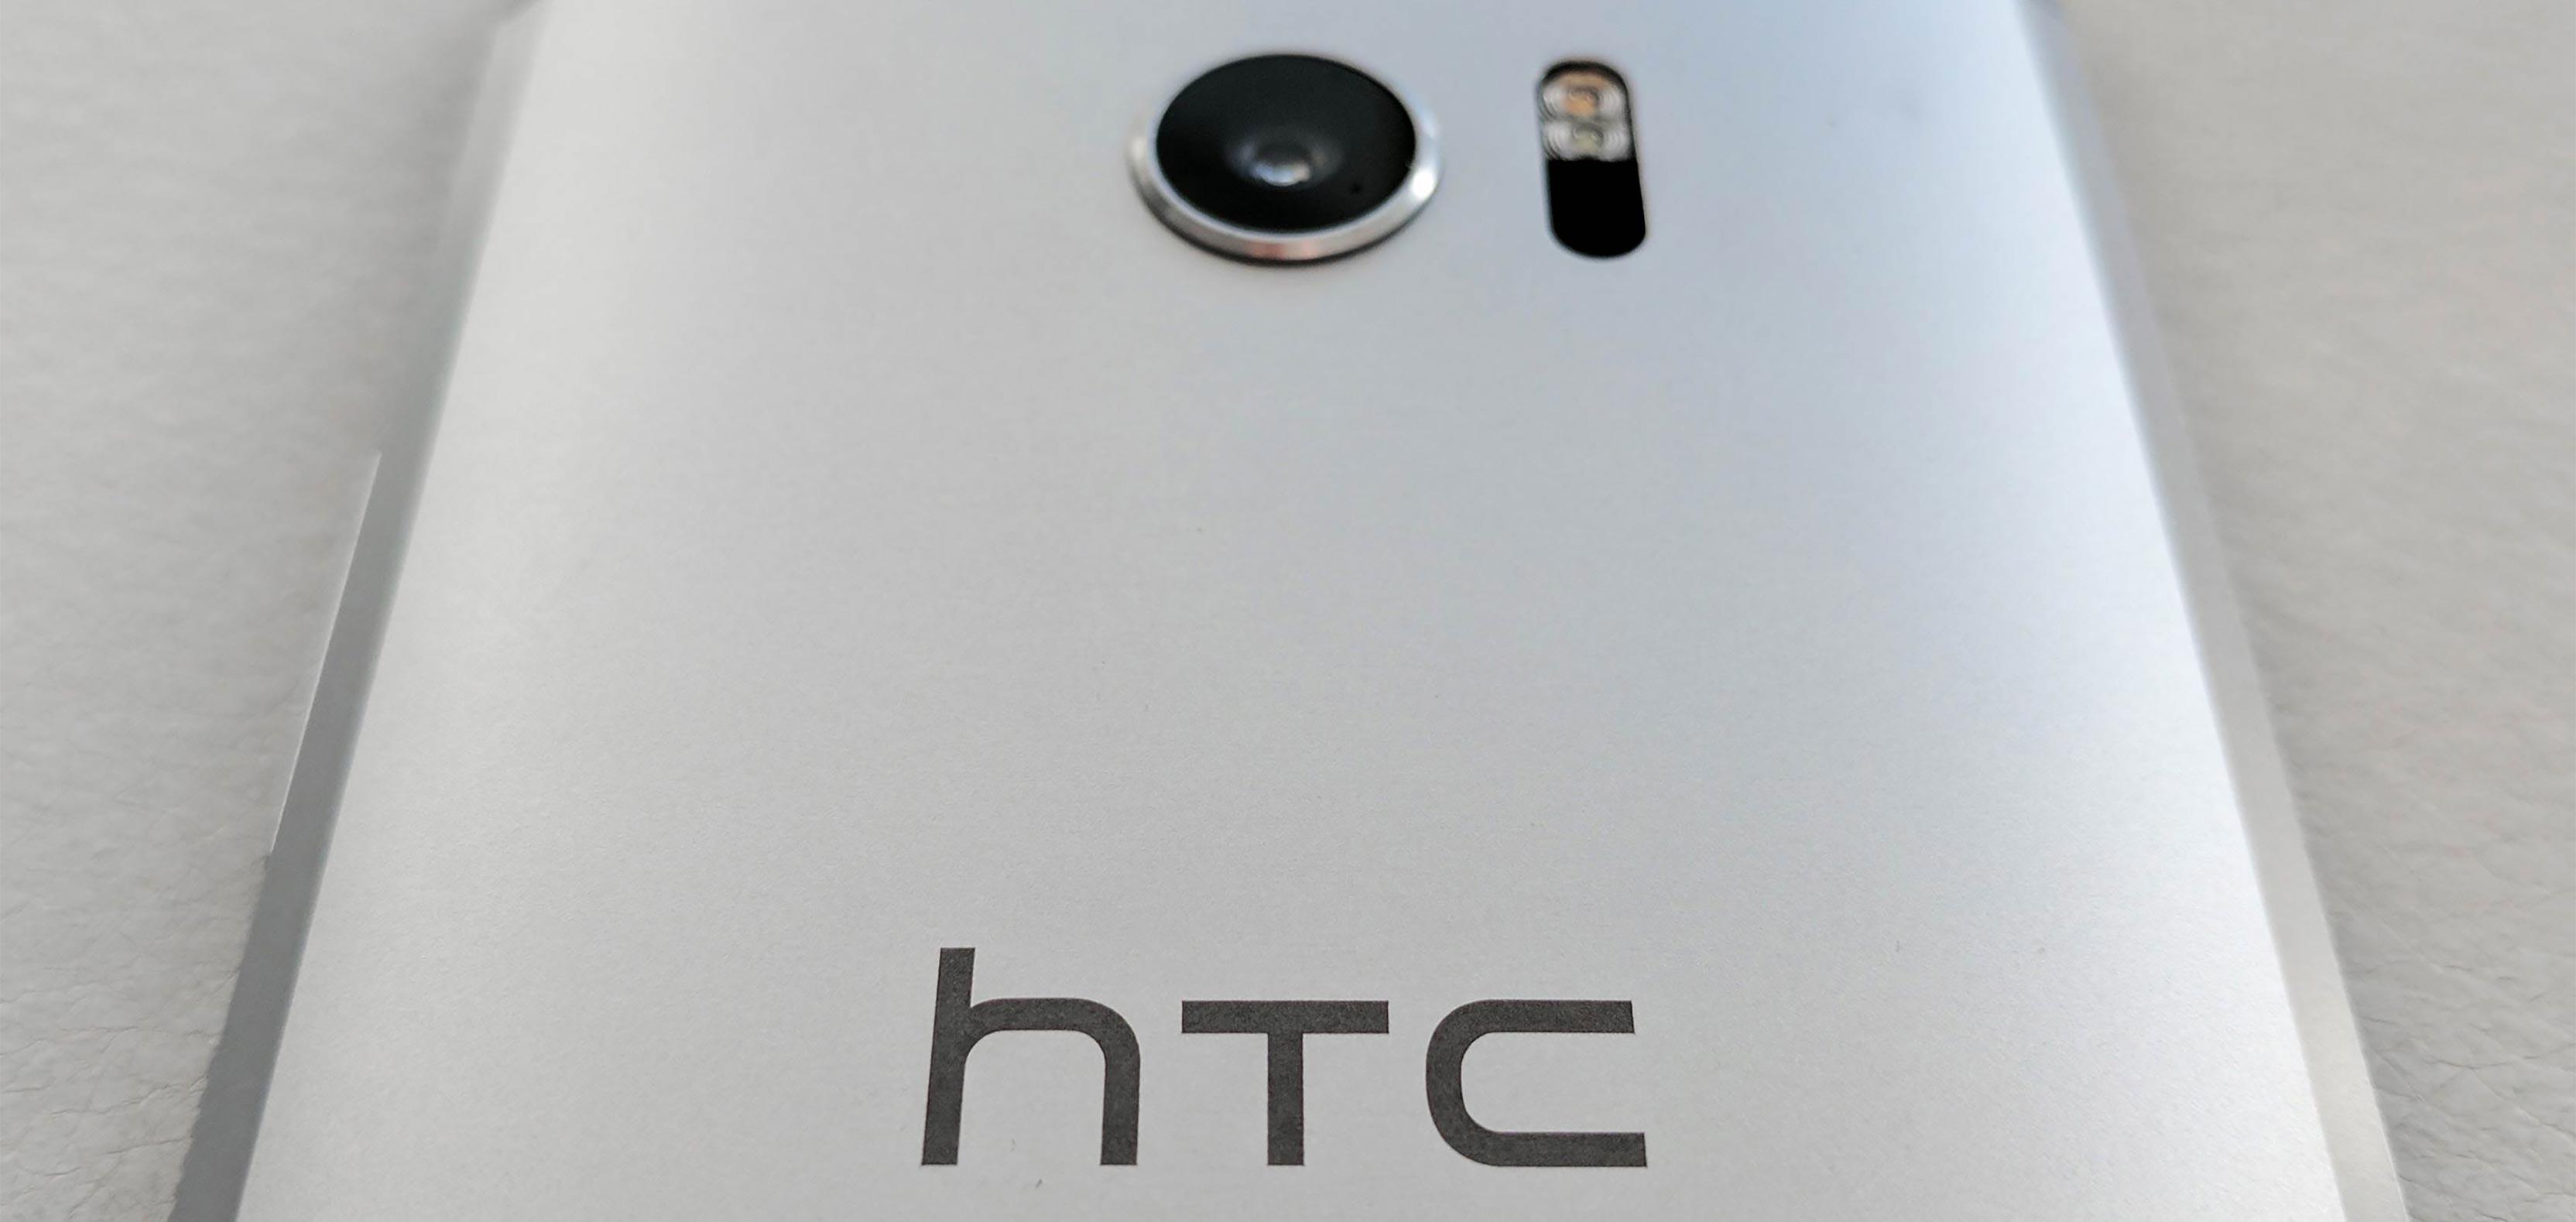 Новая функция Edga Sense в смартфоне HTC // mobilesyrup.com